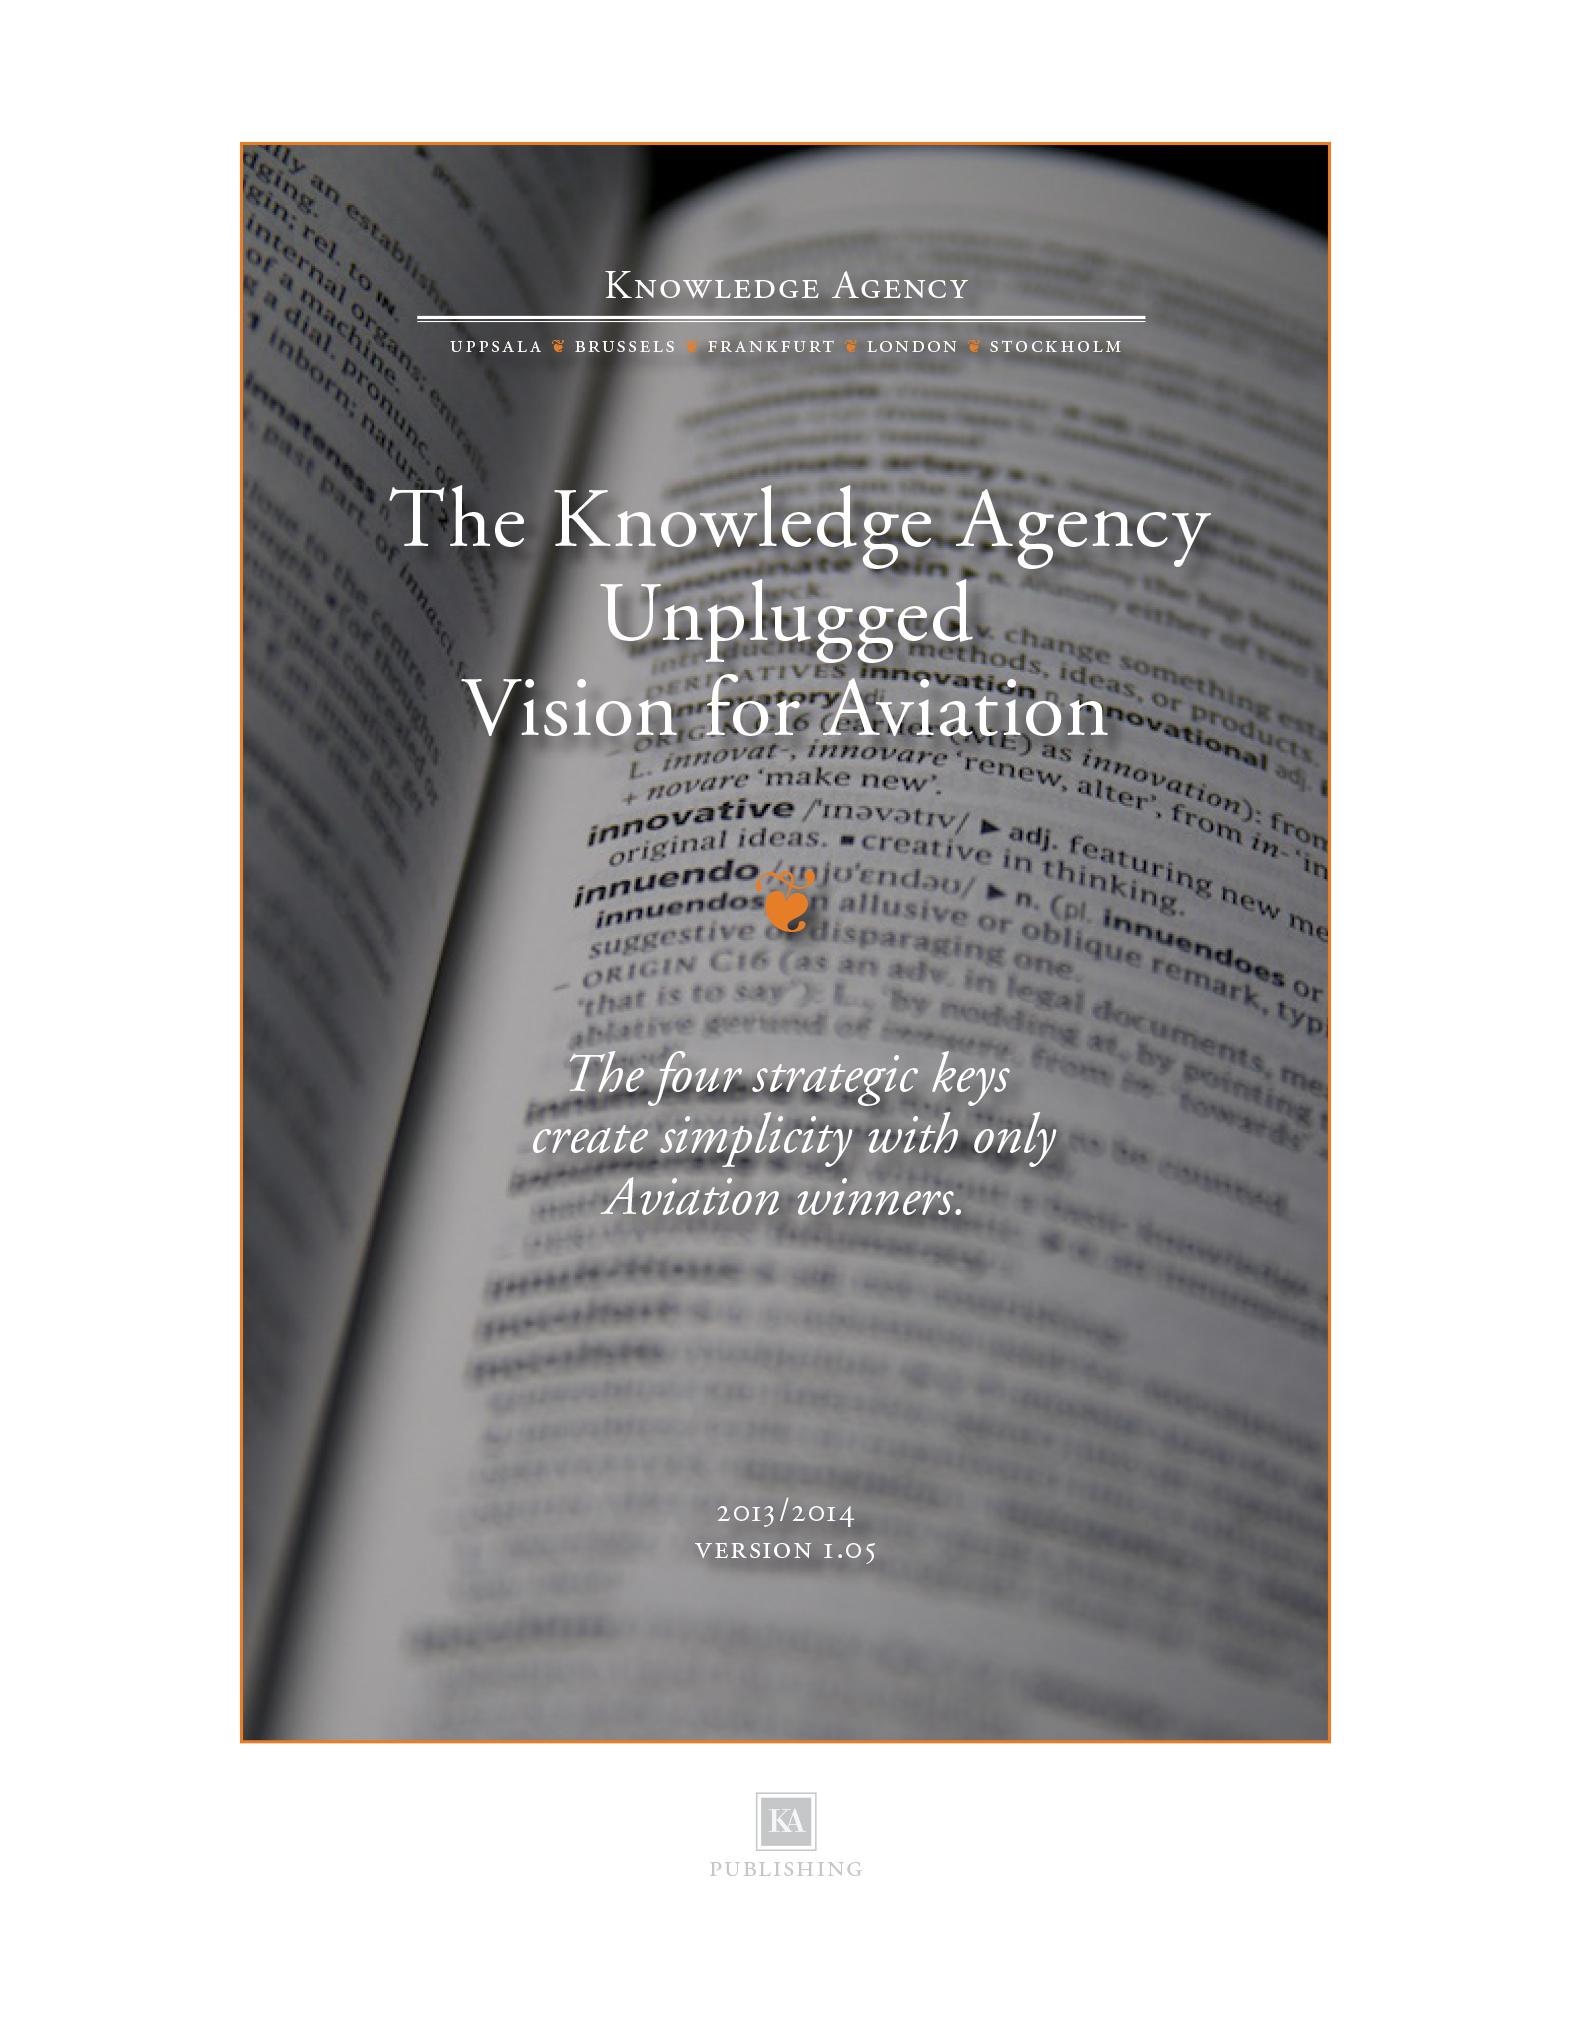 Bokomslag för Knowledge Agency